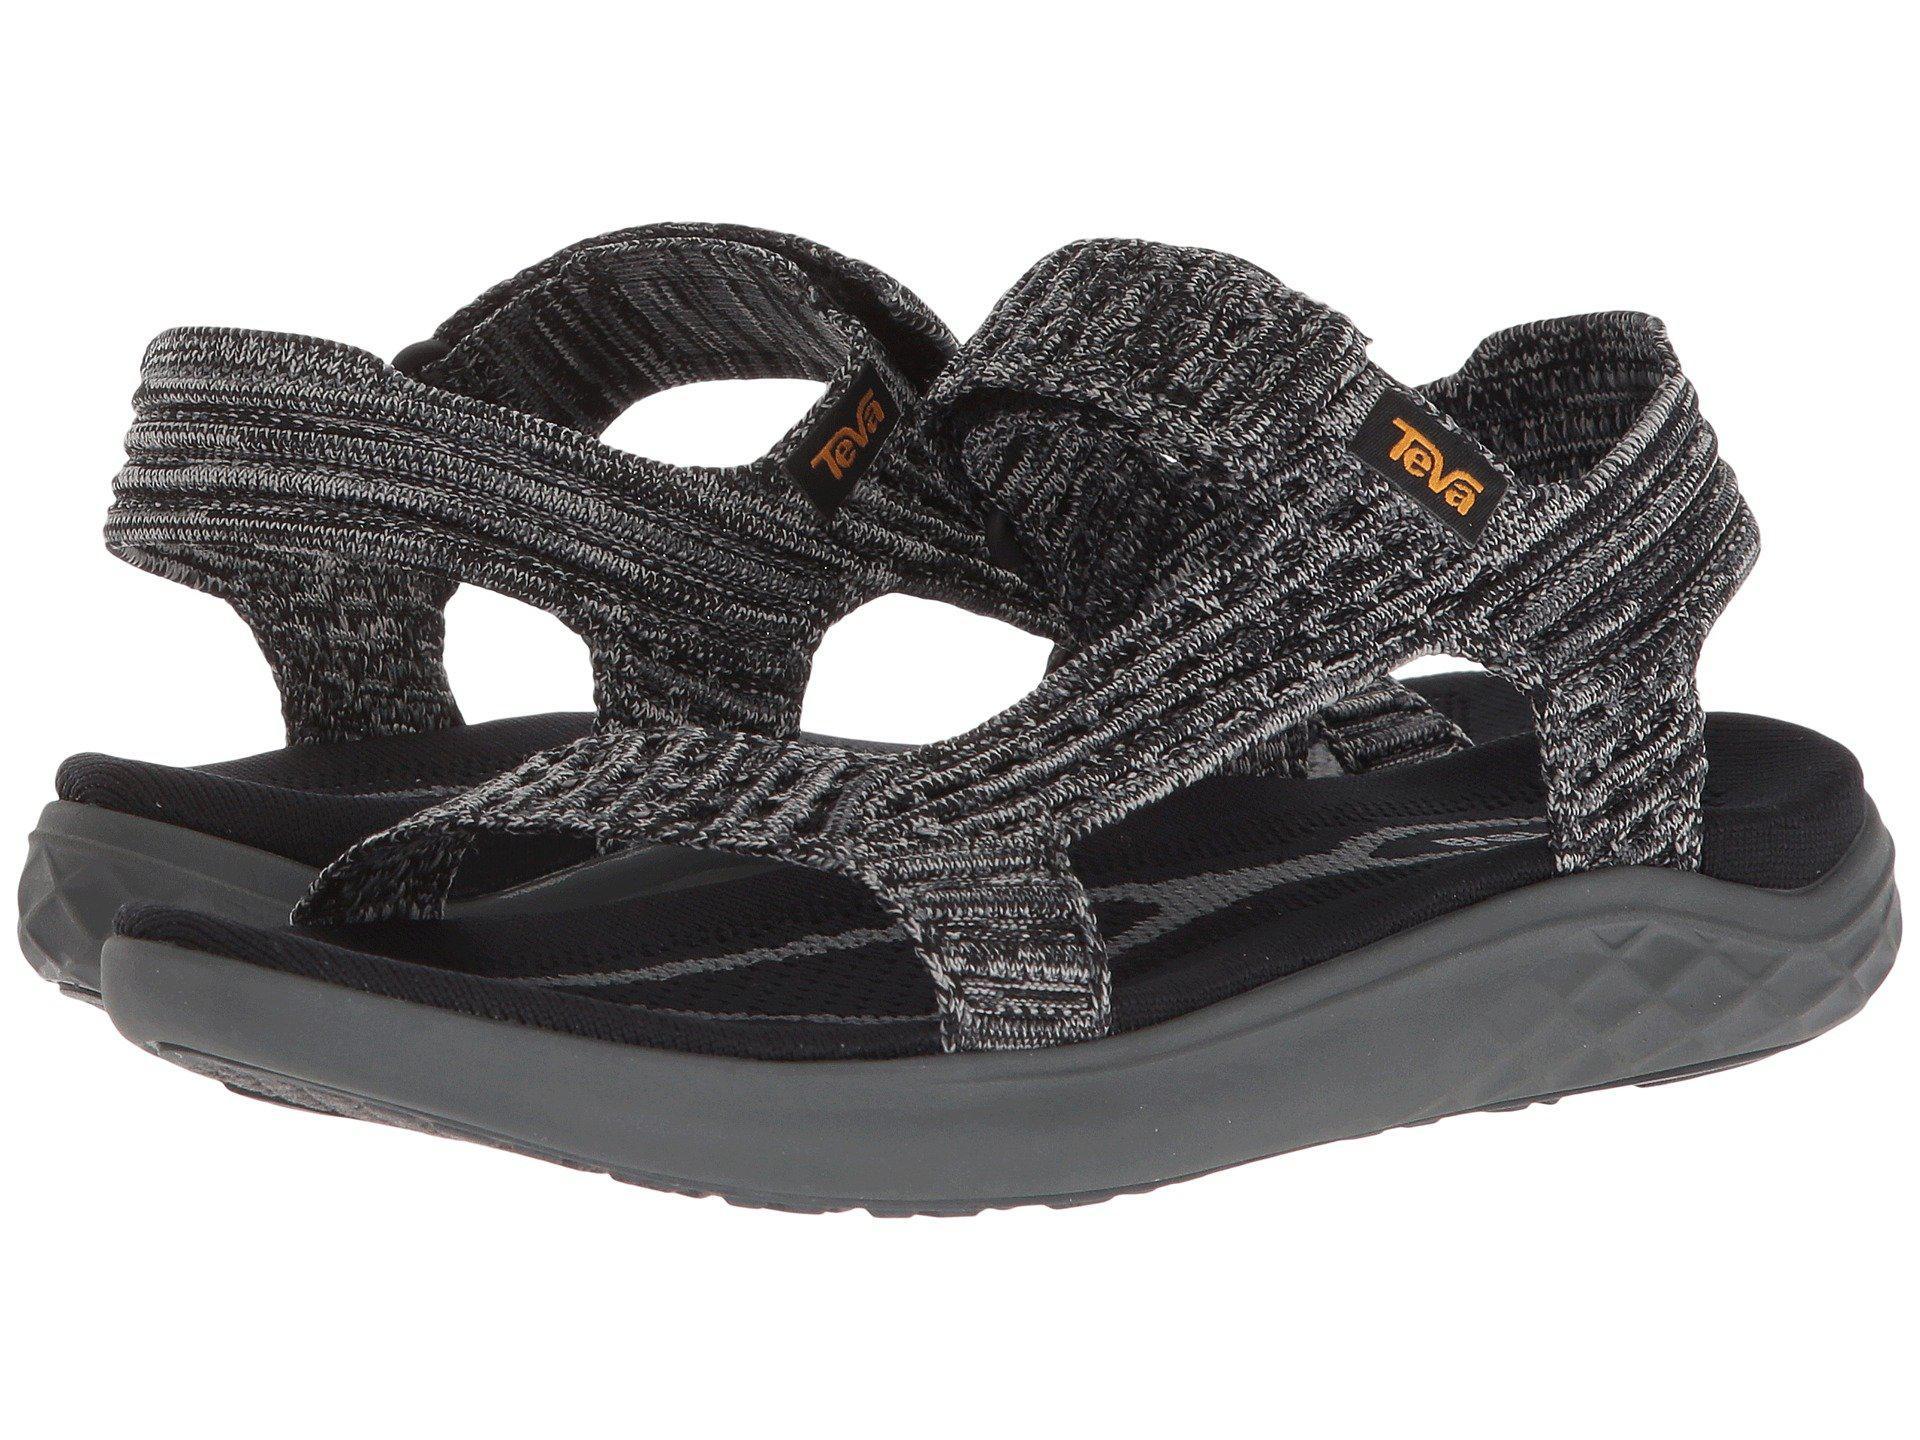 bef96fe559b3 Lyst - Teva Terra-float 2 Knit Universal (black grey) Women s Shoes ...